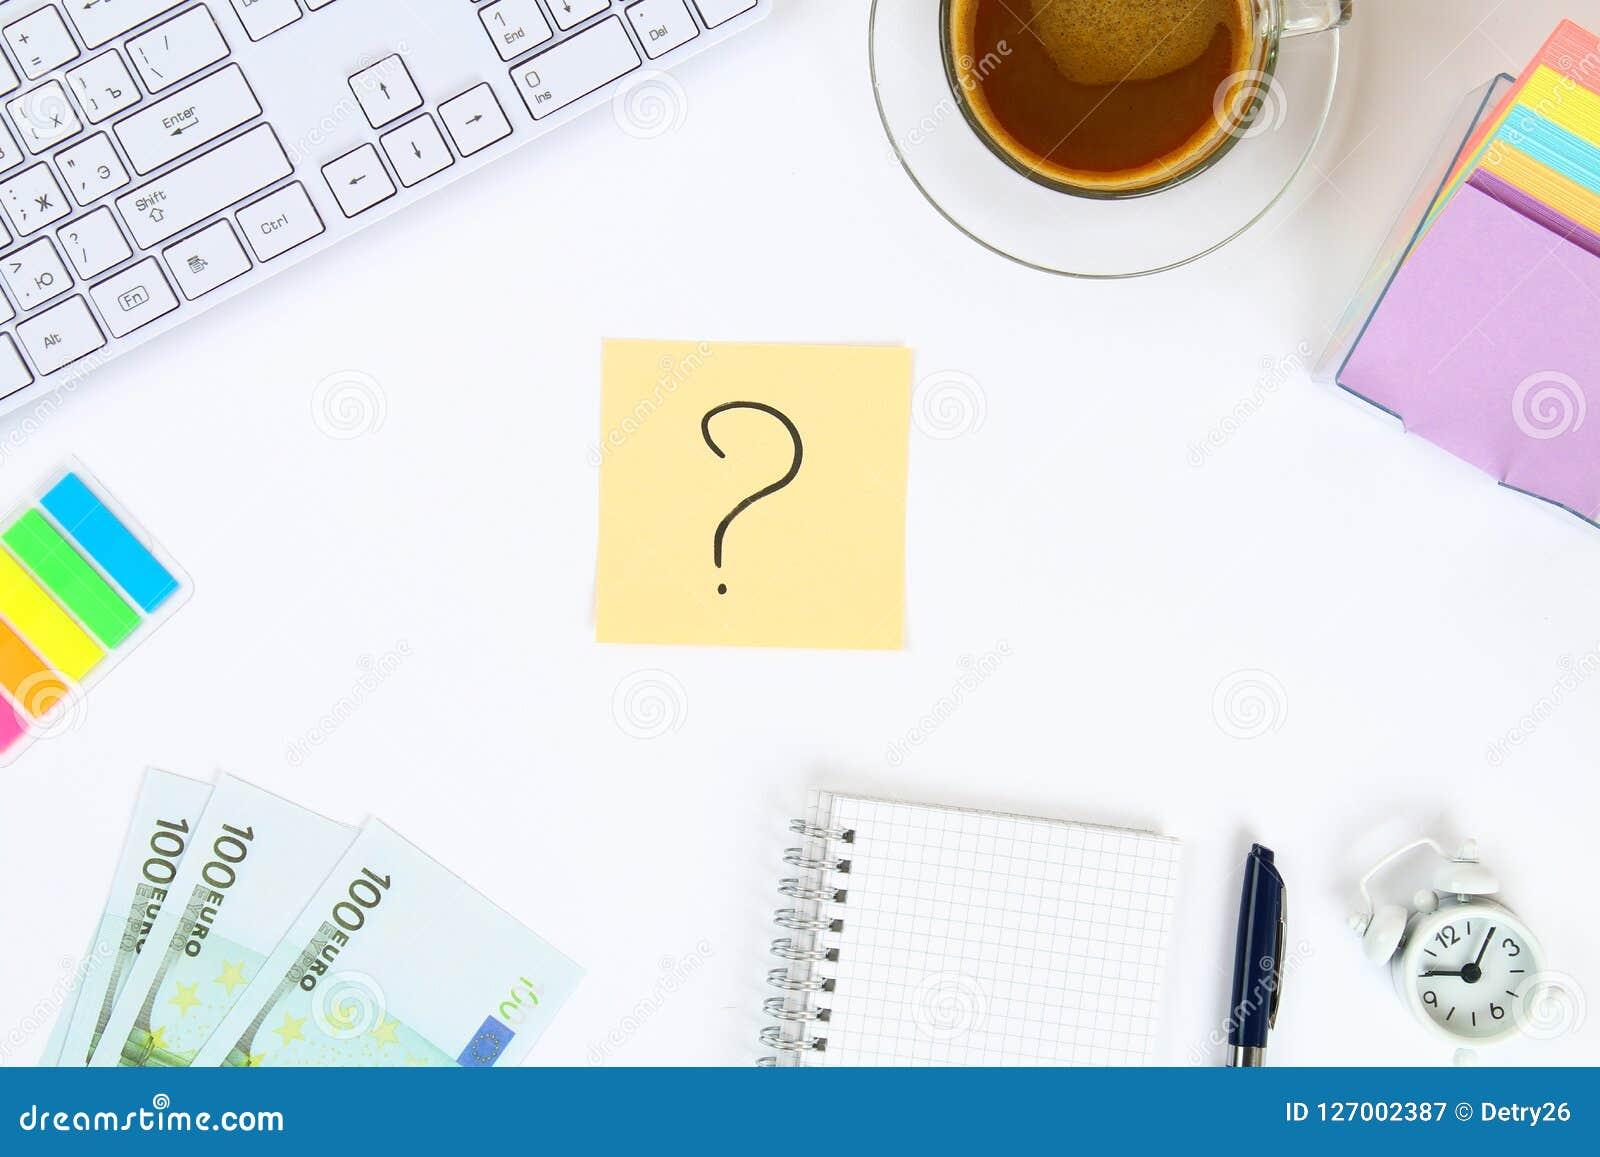 Nota multicolore degli autoadesivi con il punto interrogativo sul desktop bianco accanto ad una tazza di caffè e della tastiera